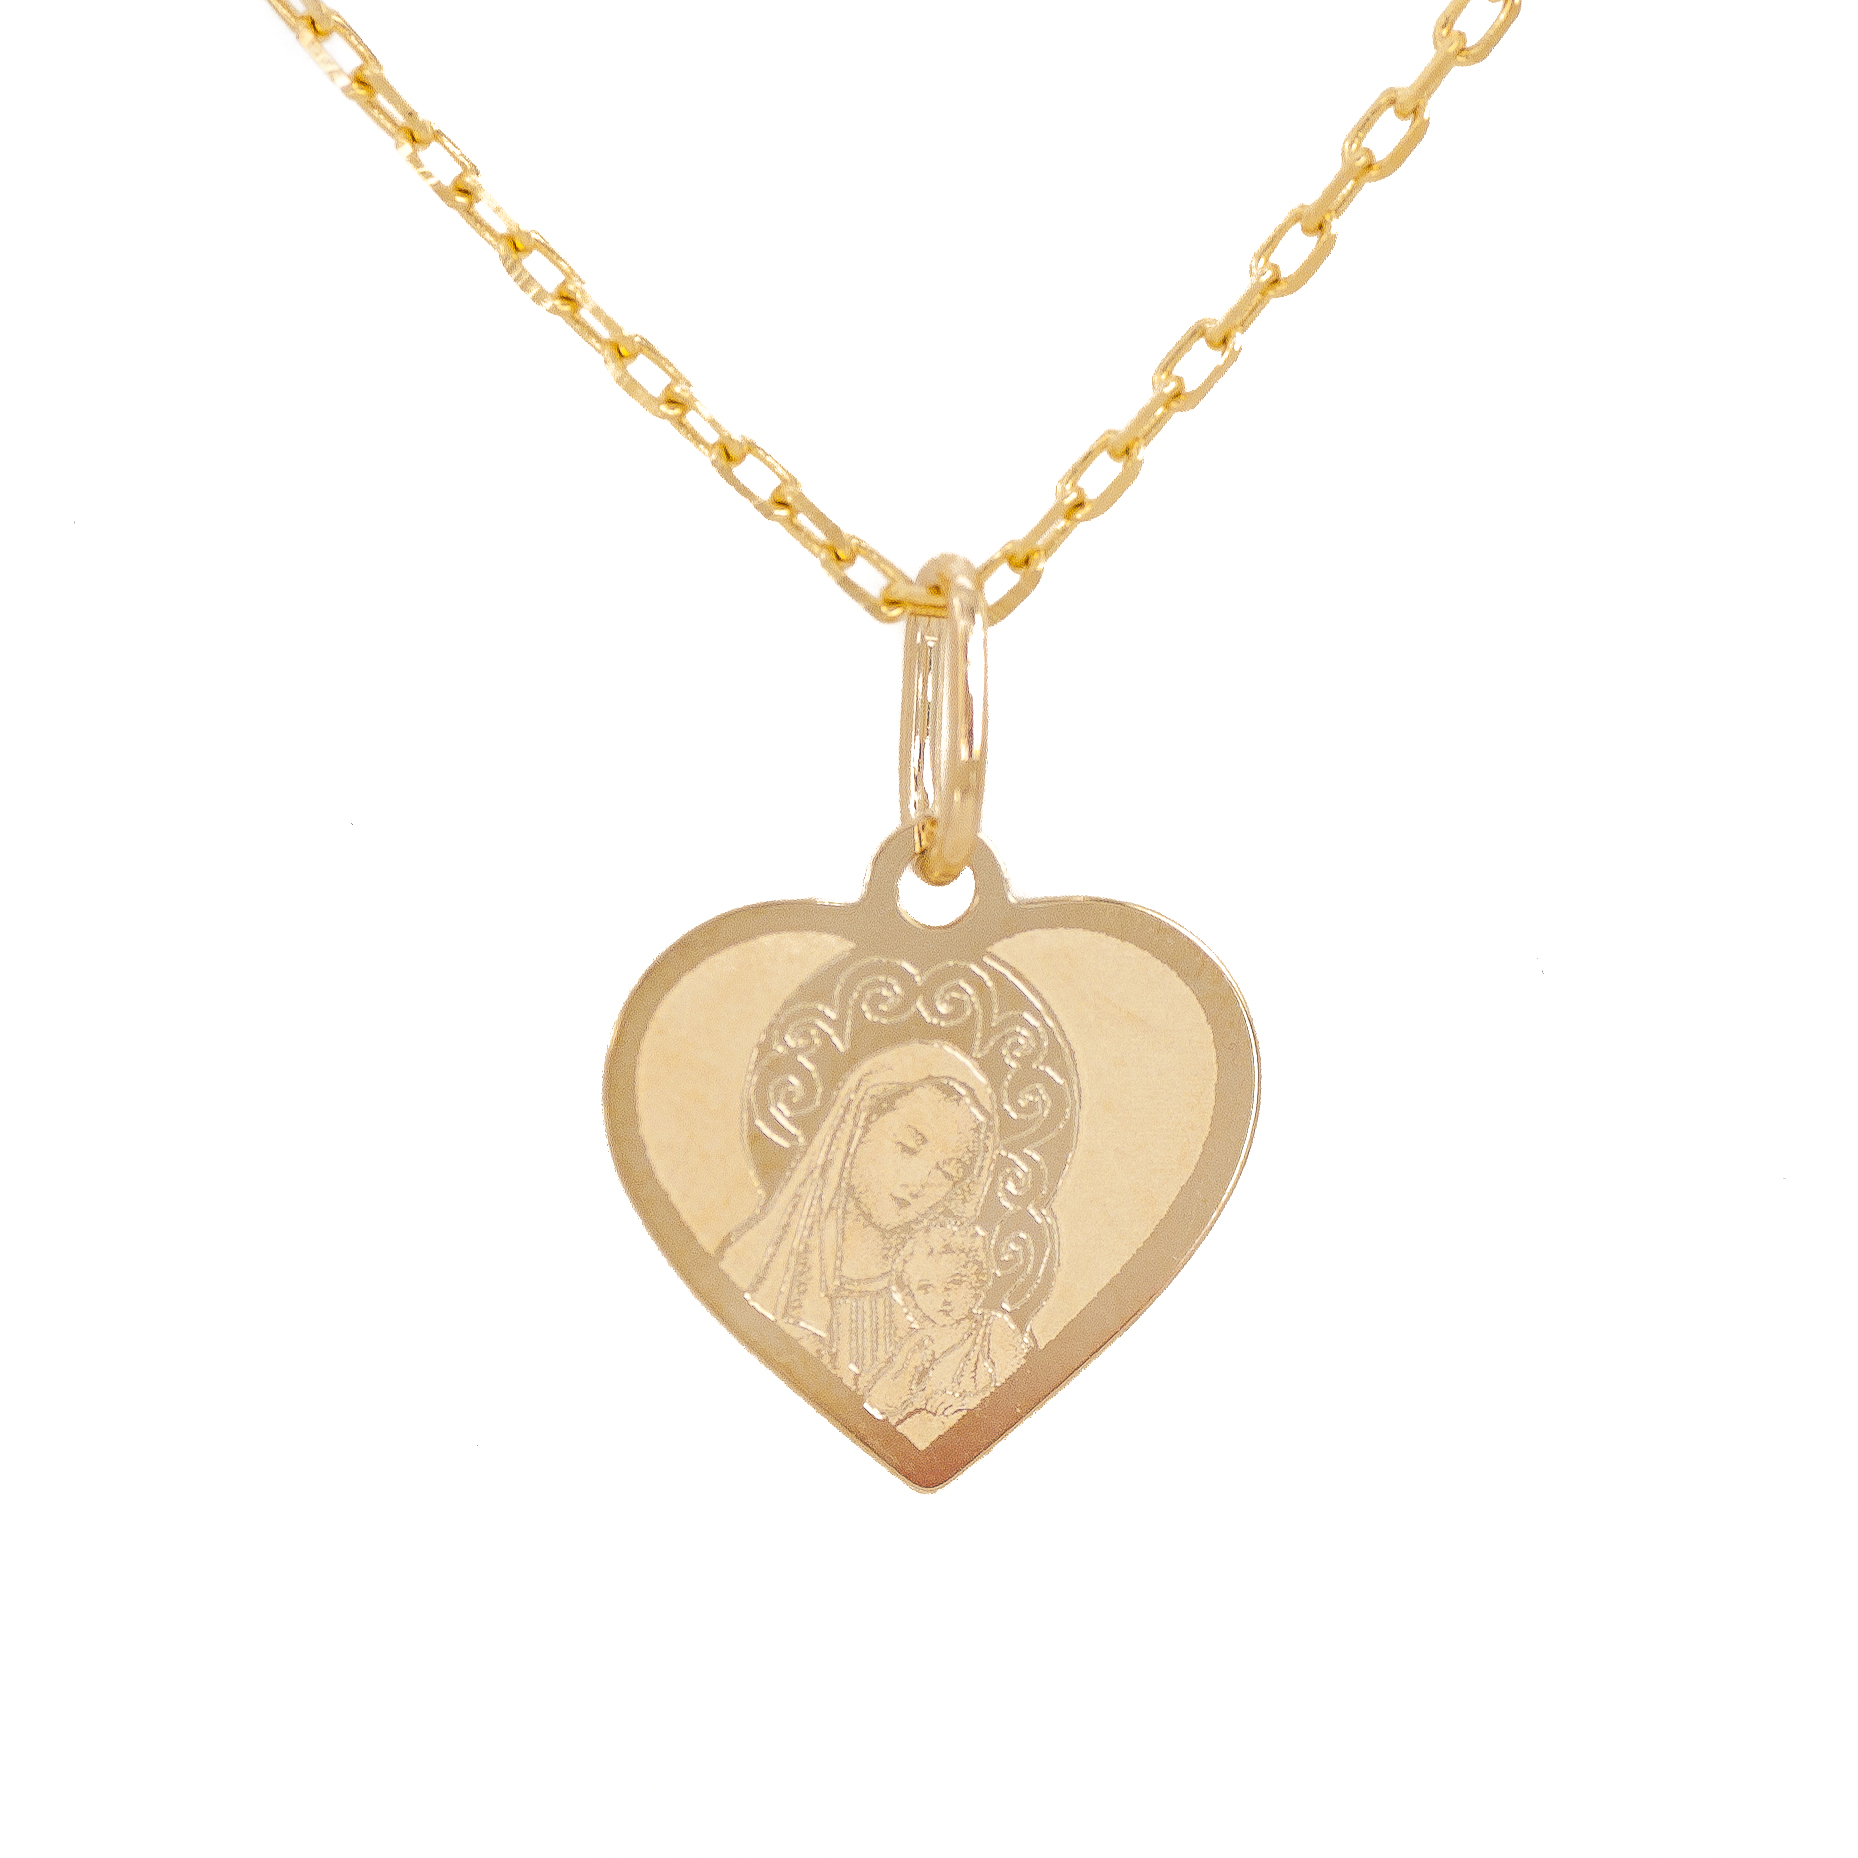 Item Gold medallion mother HEART of God the Sacrament of Baptism